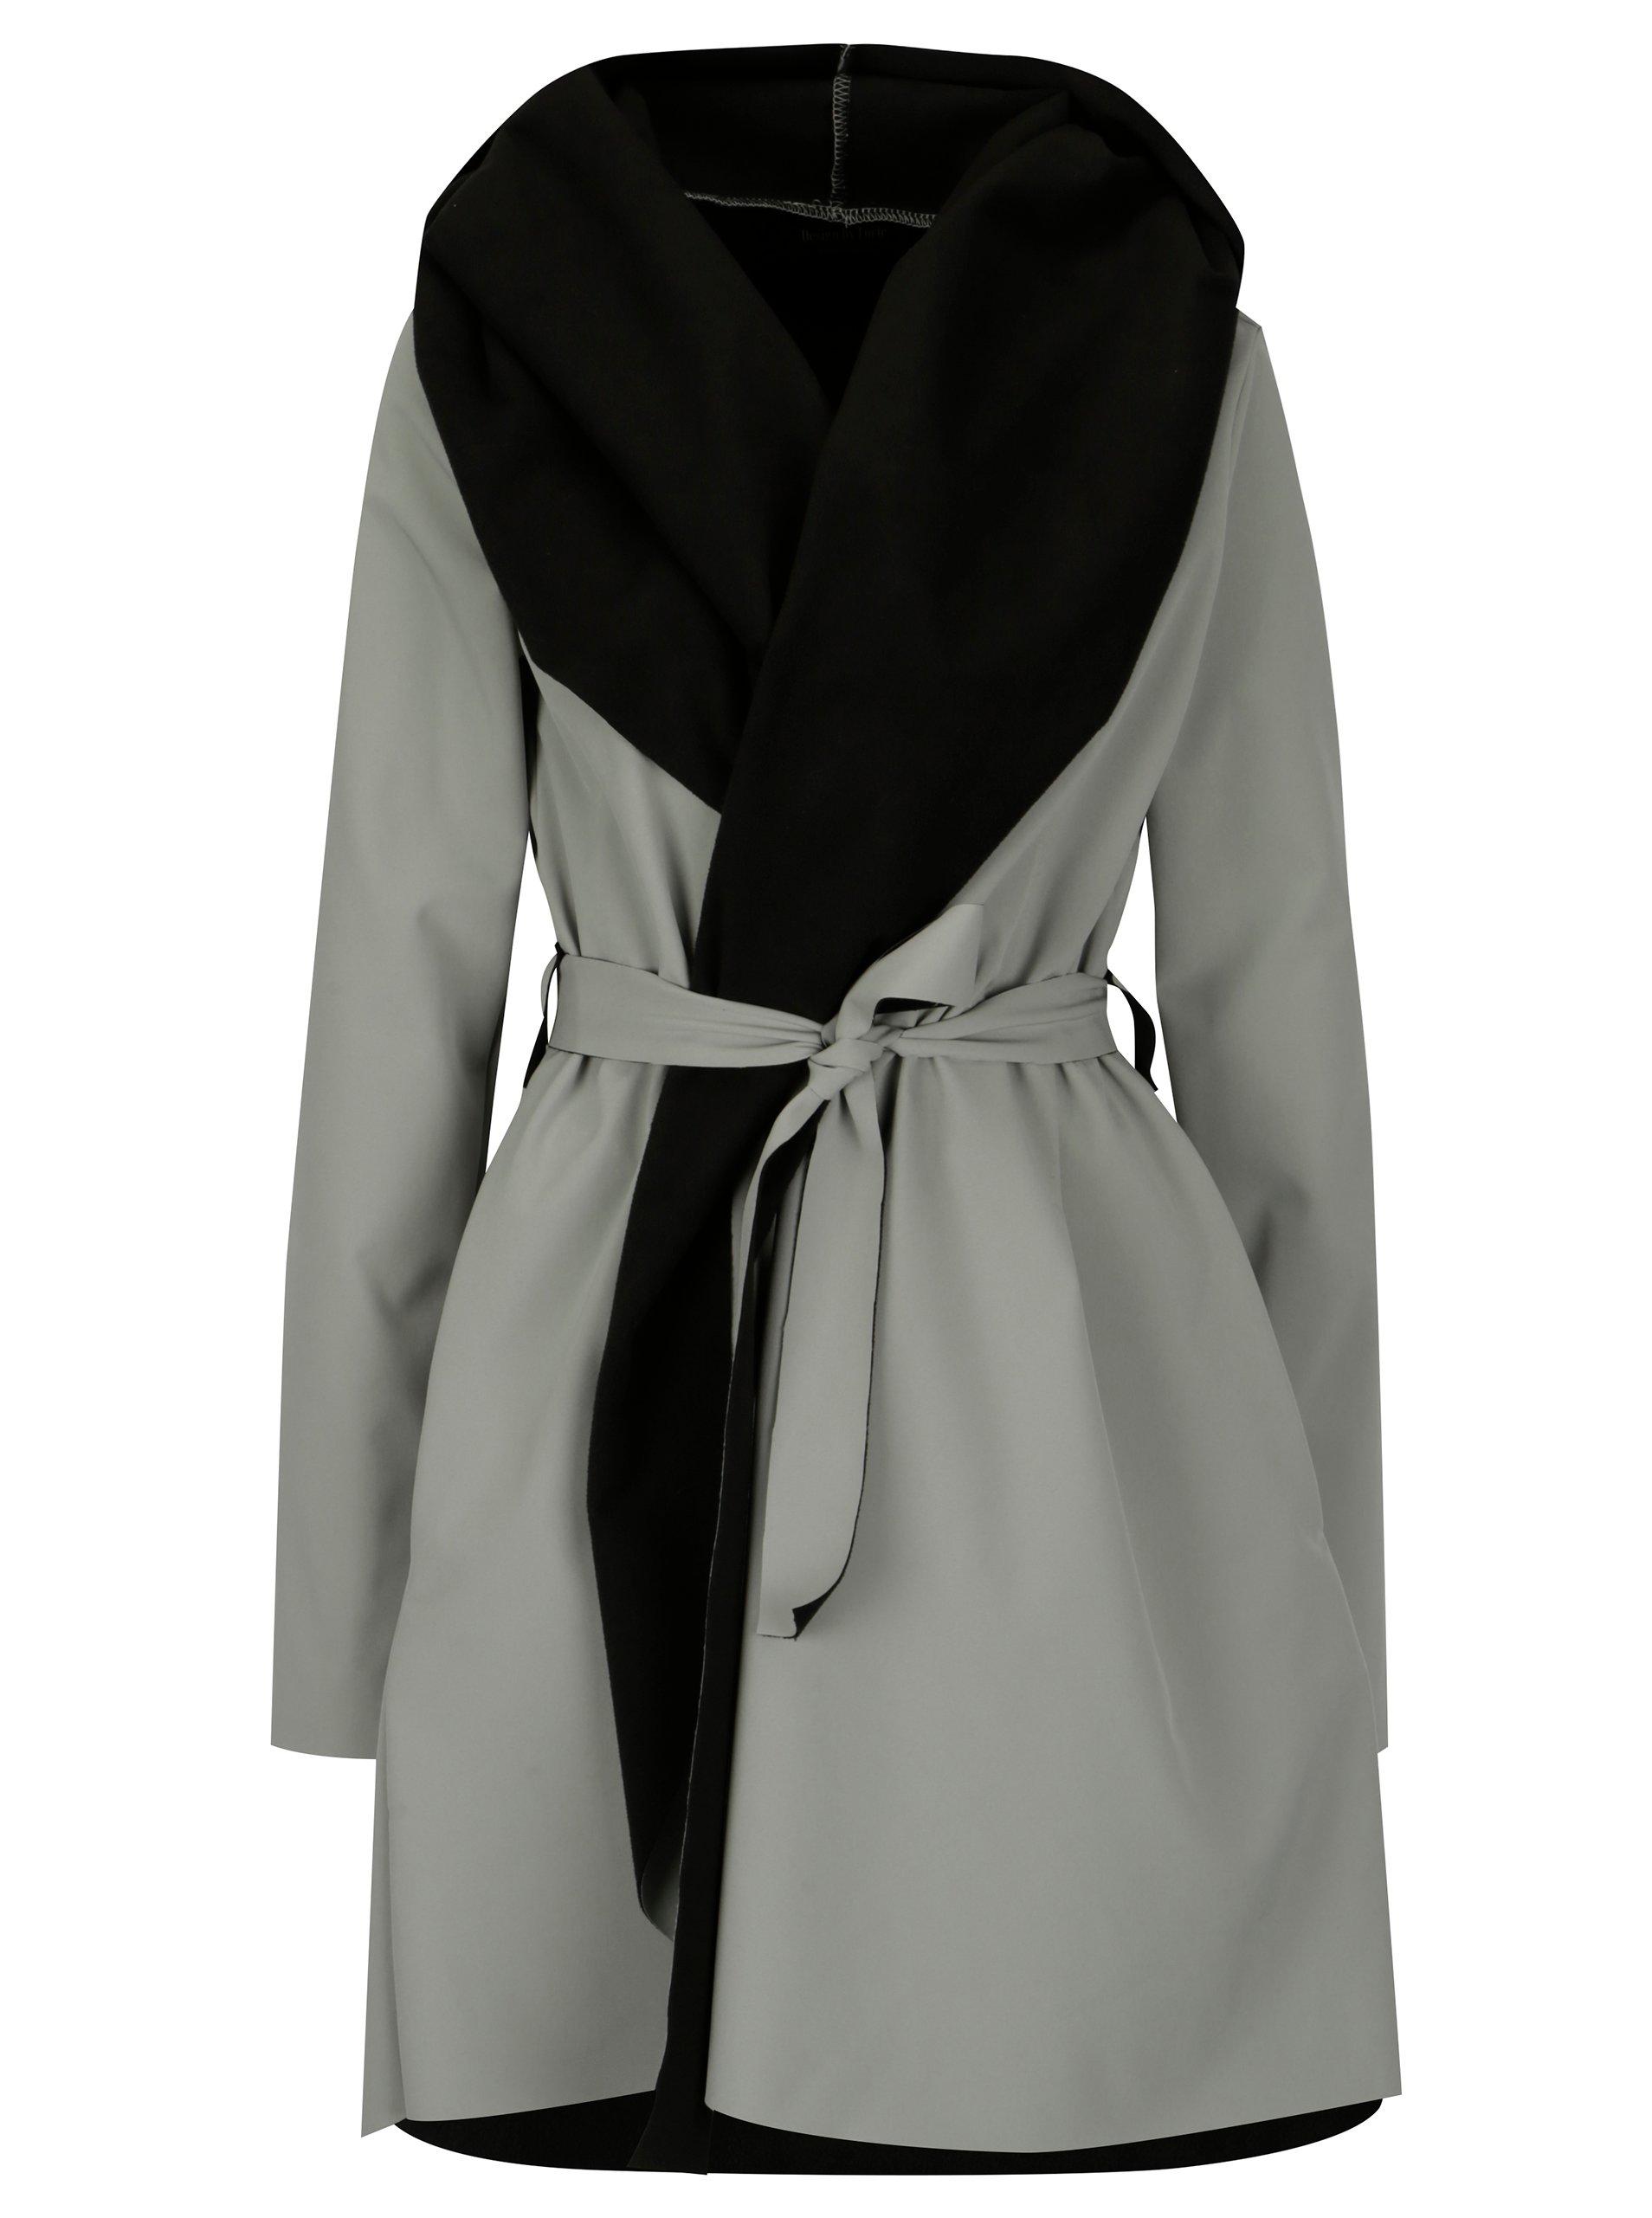 e574e2f8f Čierno-sivý vodovzdorný kabát Design by Lucie Jack Grey | Moda.sk